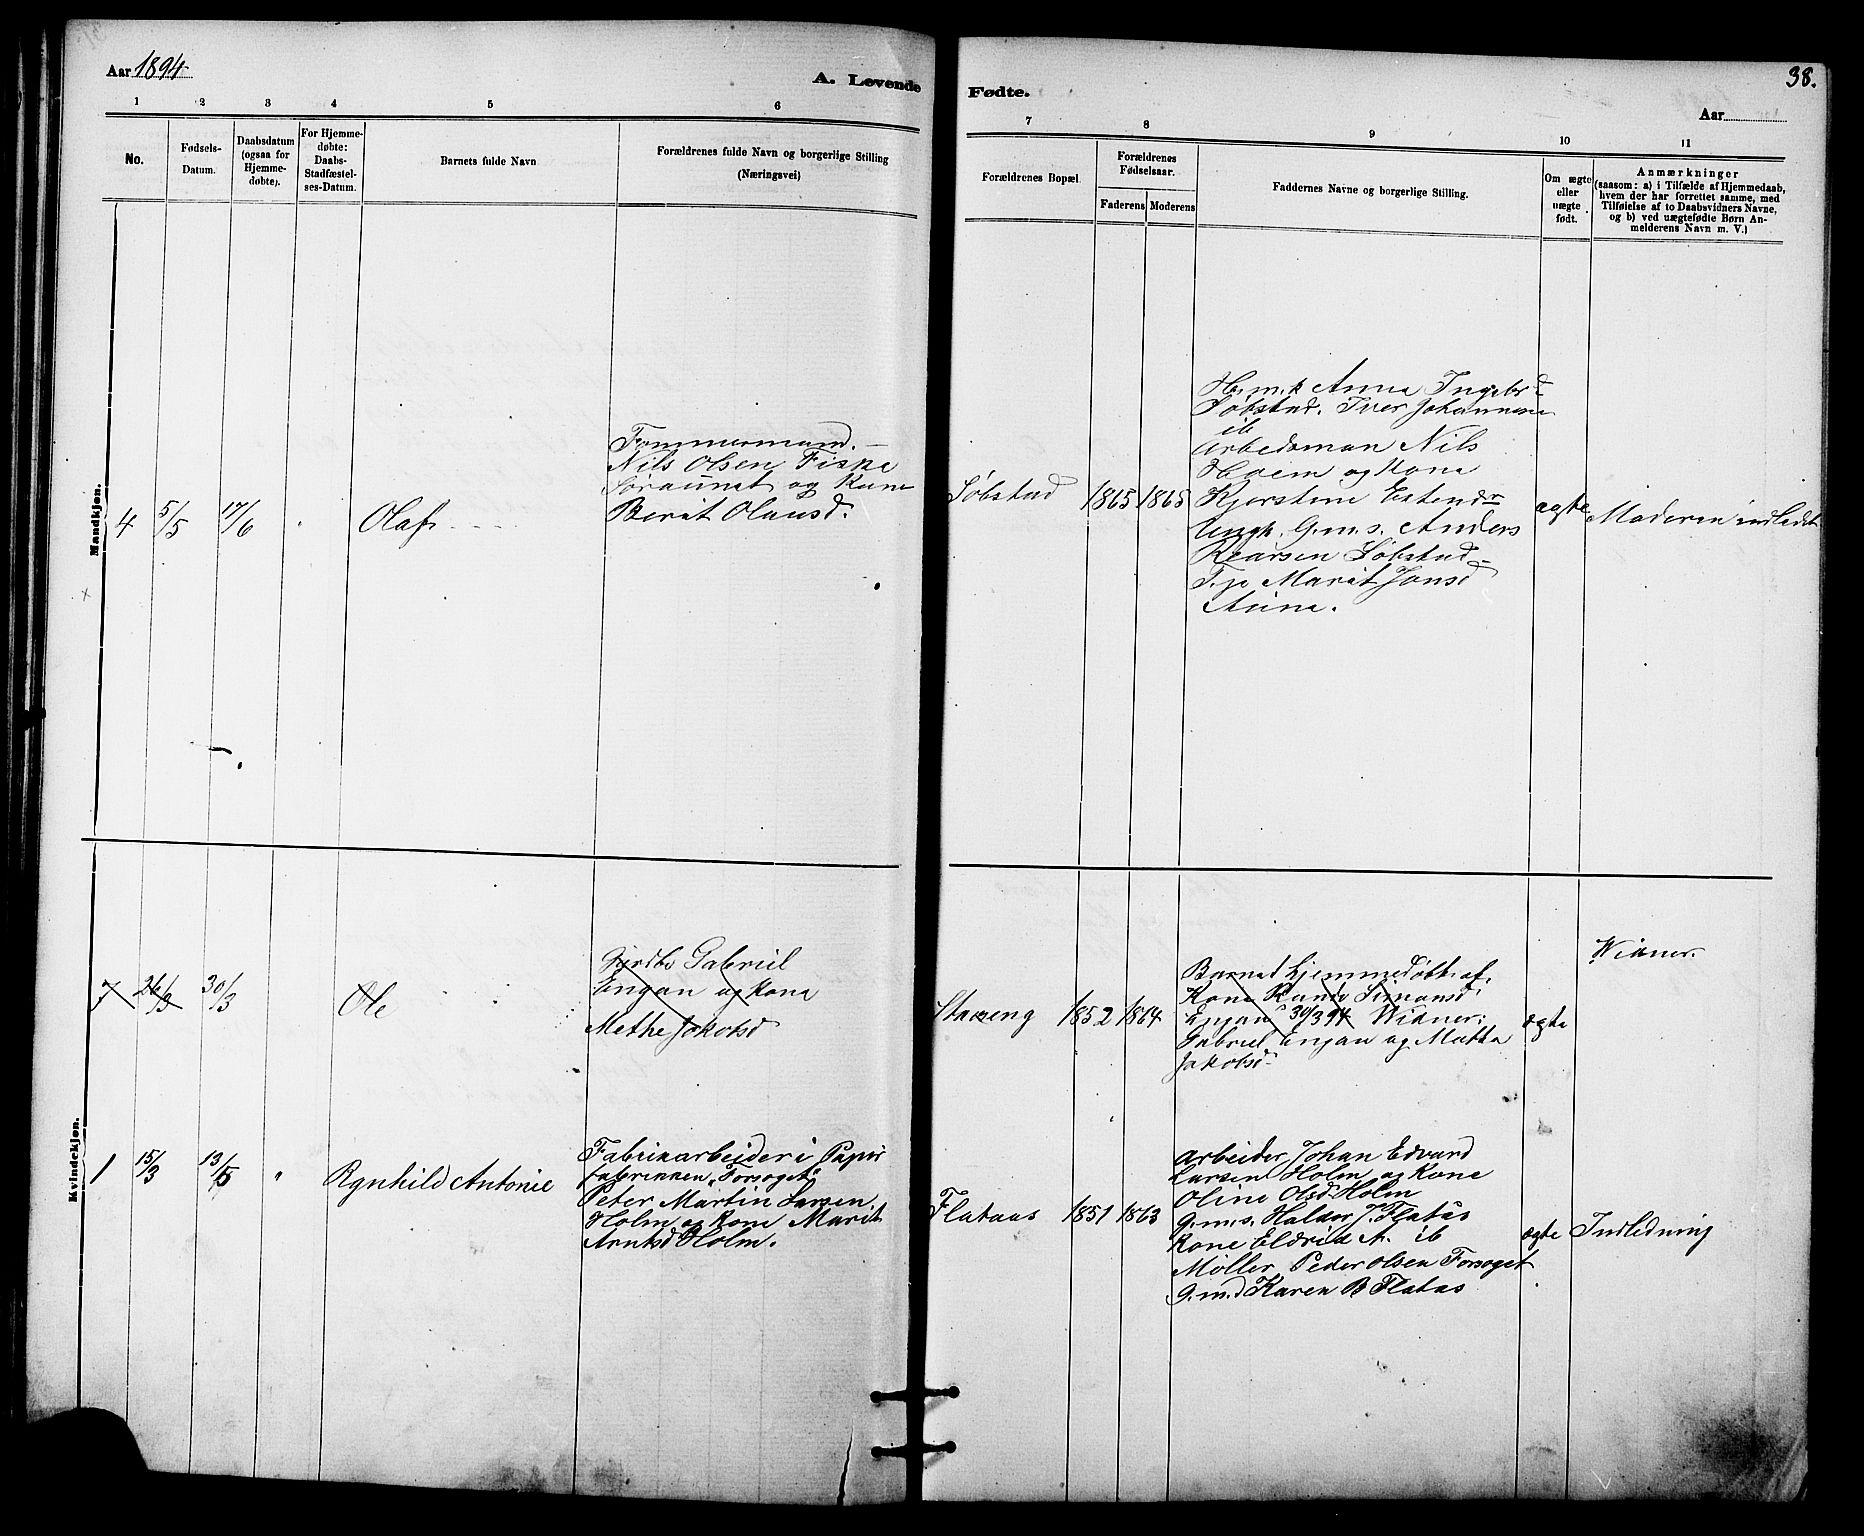 SAT, Ministerialprotokoller, klokkerbøker og fødselsregistre - Sør-Trøndelag, 613/L0395: Klokkerbok nr. 613C03, 1887-1909, s. 38